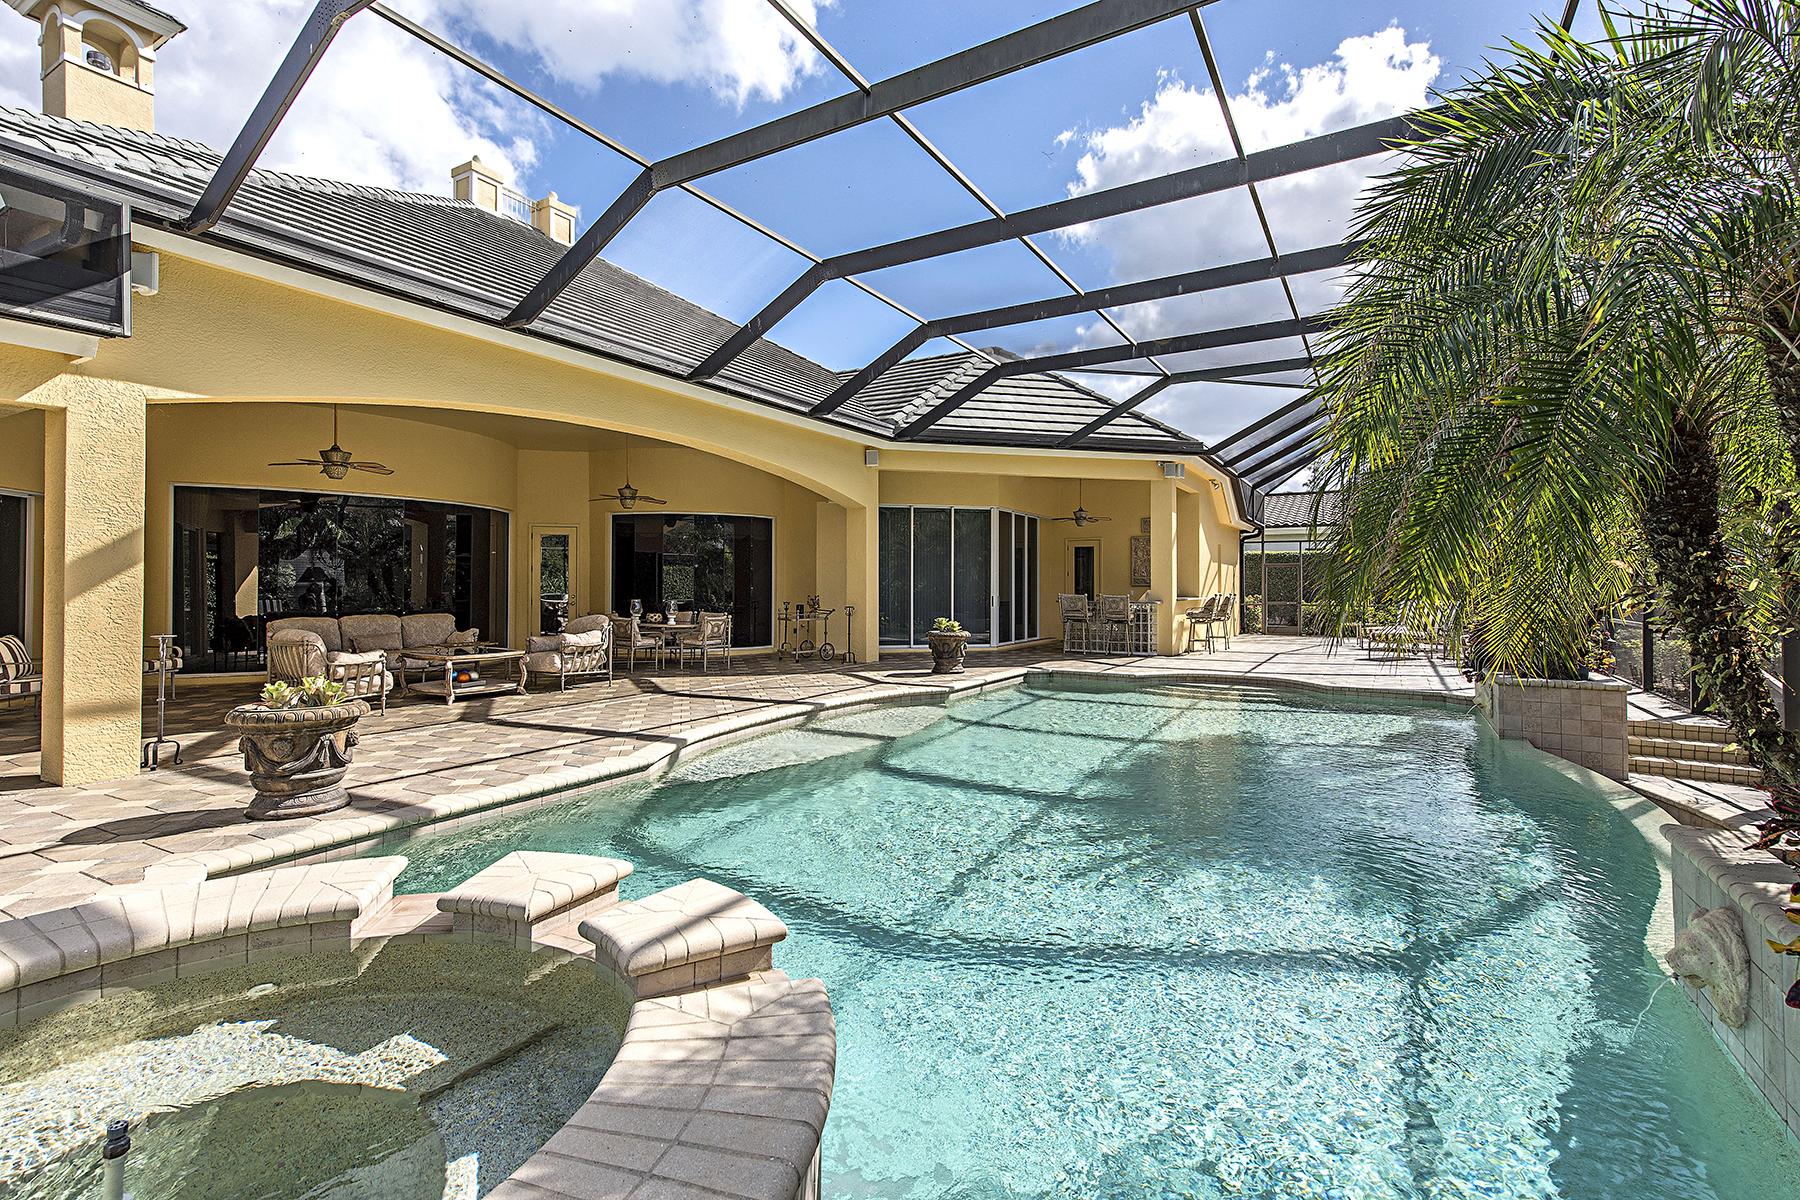 단독 가정 주택 용 매매 에 PELICAN MARSH - BAY LAUREL ESTATES 8707 Purslane Dr Naples, 플로리다, 34109 미국